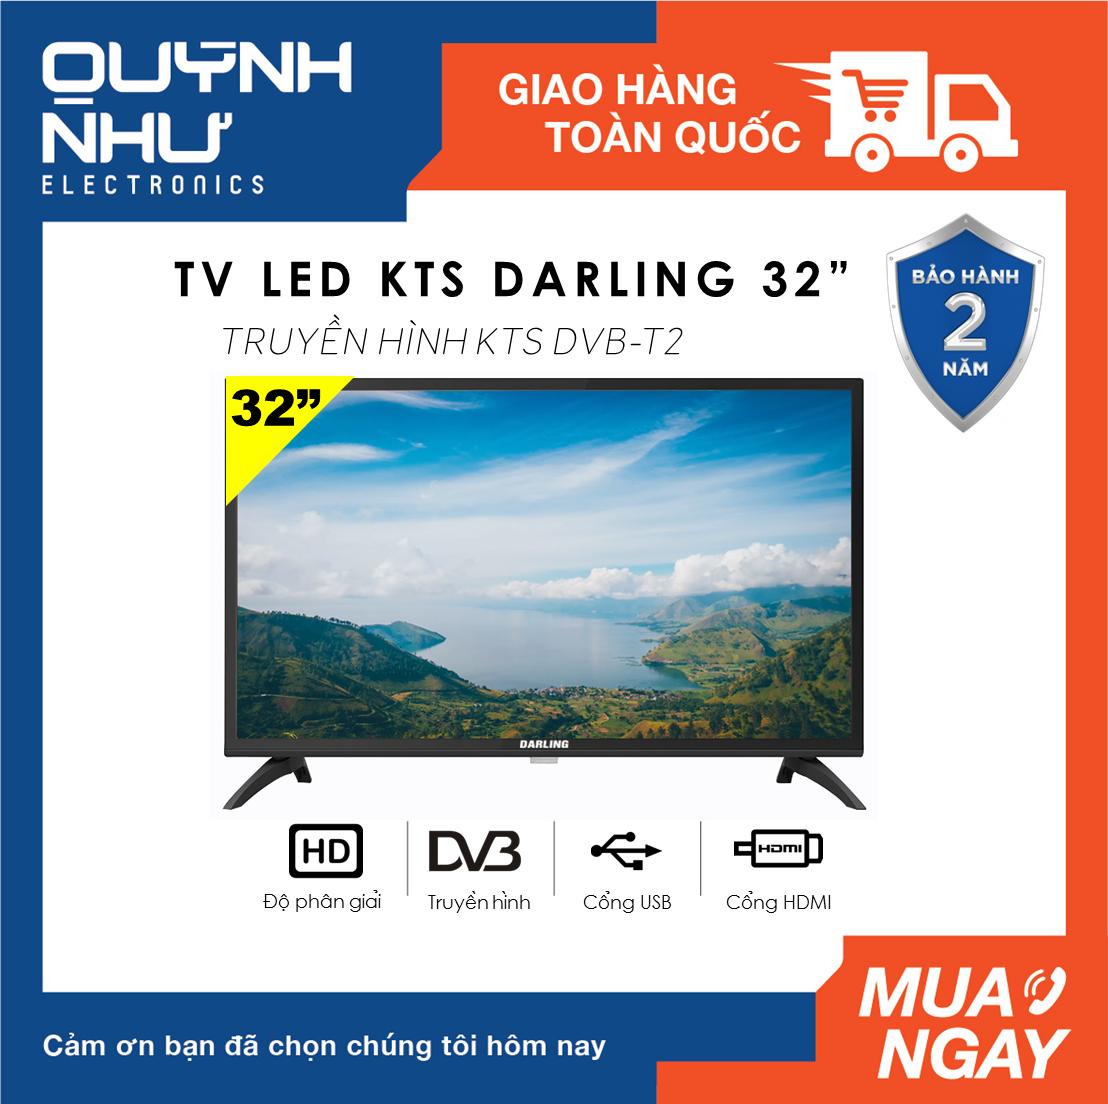 Tivi LED Digital DVB-T2 Darling 32 inch Model 32HD962S2 (HD Ready, Dolby Surround, Truyền hình KTS DVB-T2 / DVB-S2, màu đen) – Tivi giá rẻ – Bảo hành toàn quốc 2 năm